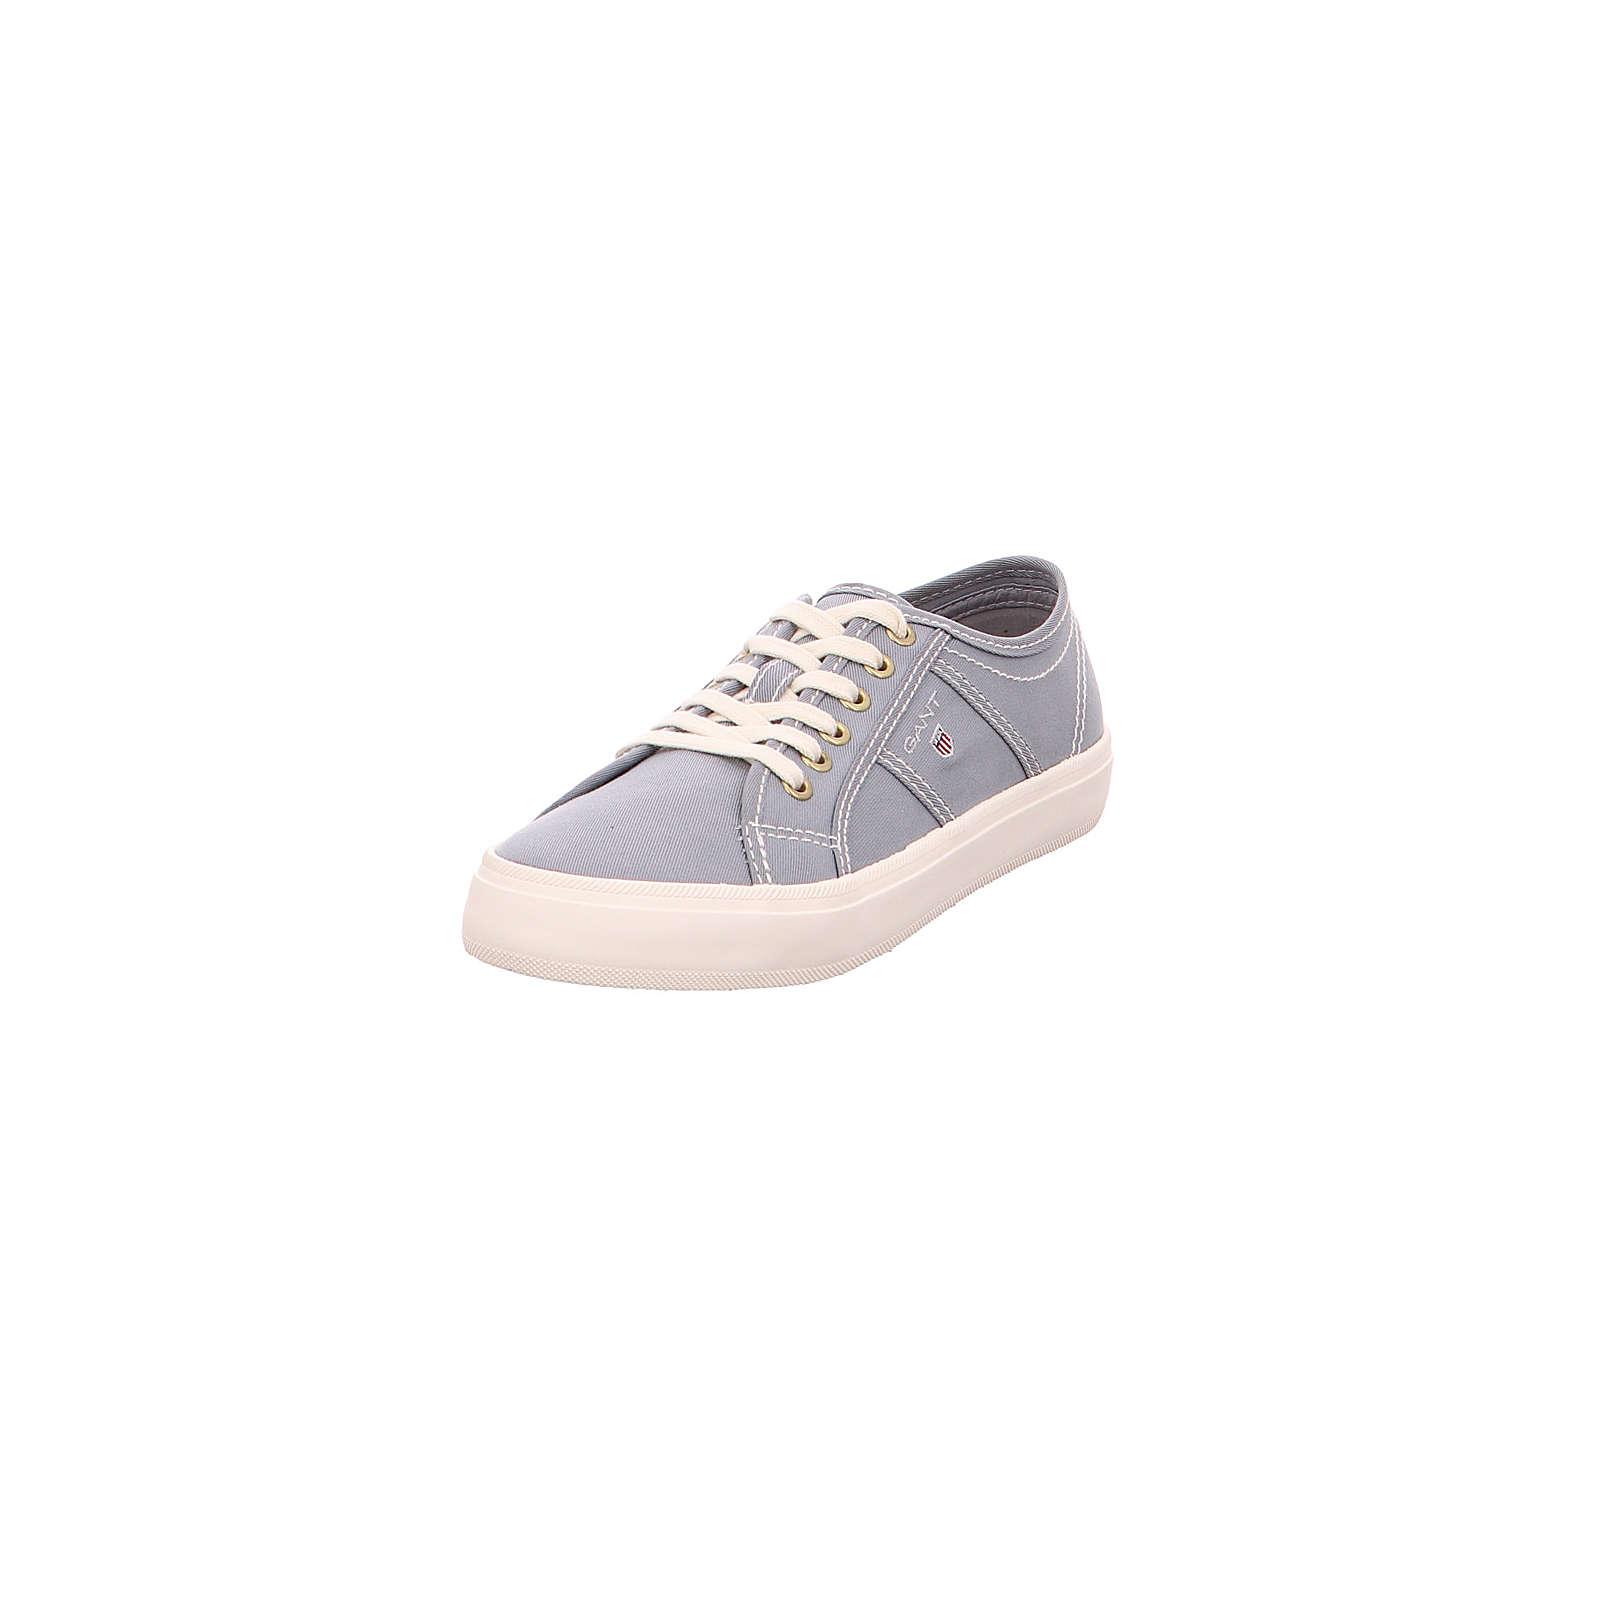 GANT Zoe Textil 16538451 Sneakers Low grau Damen Gr. 37